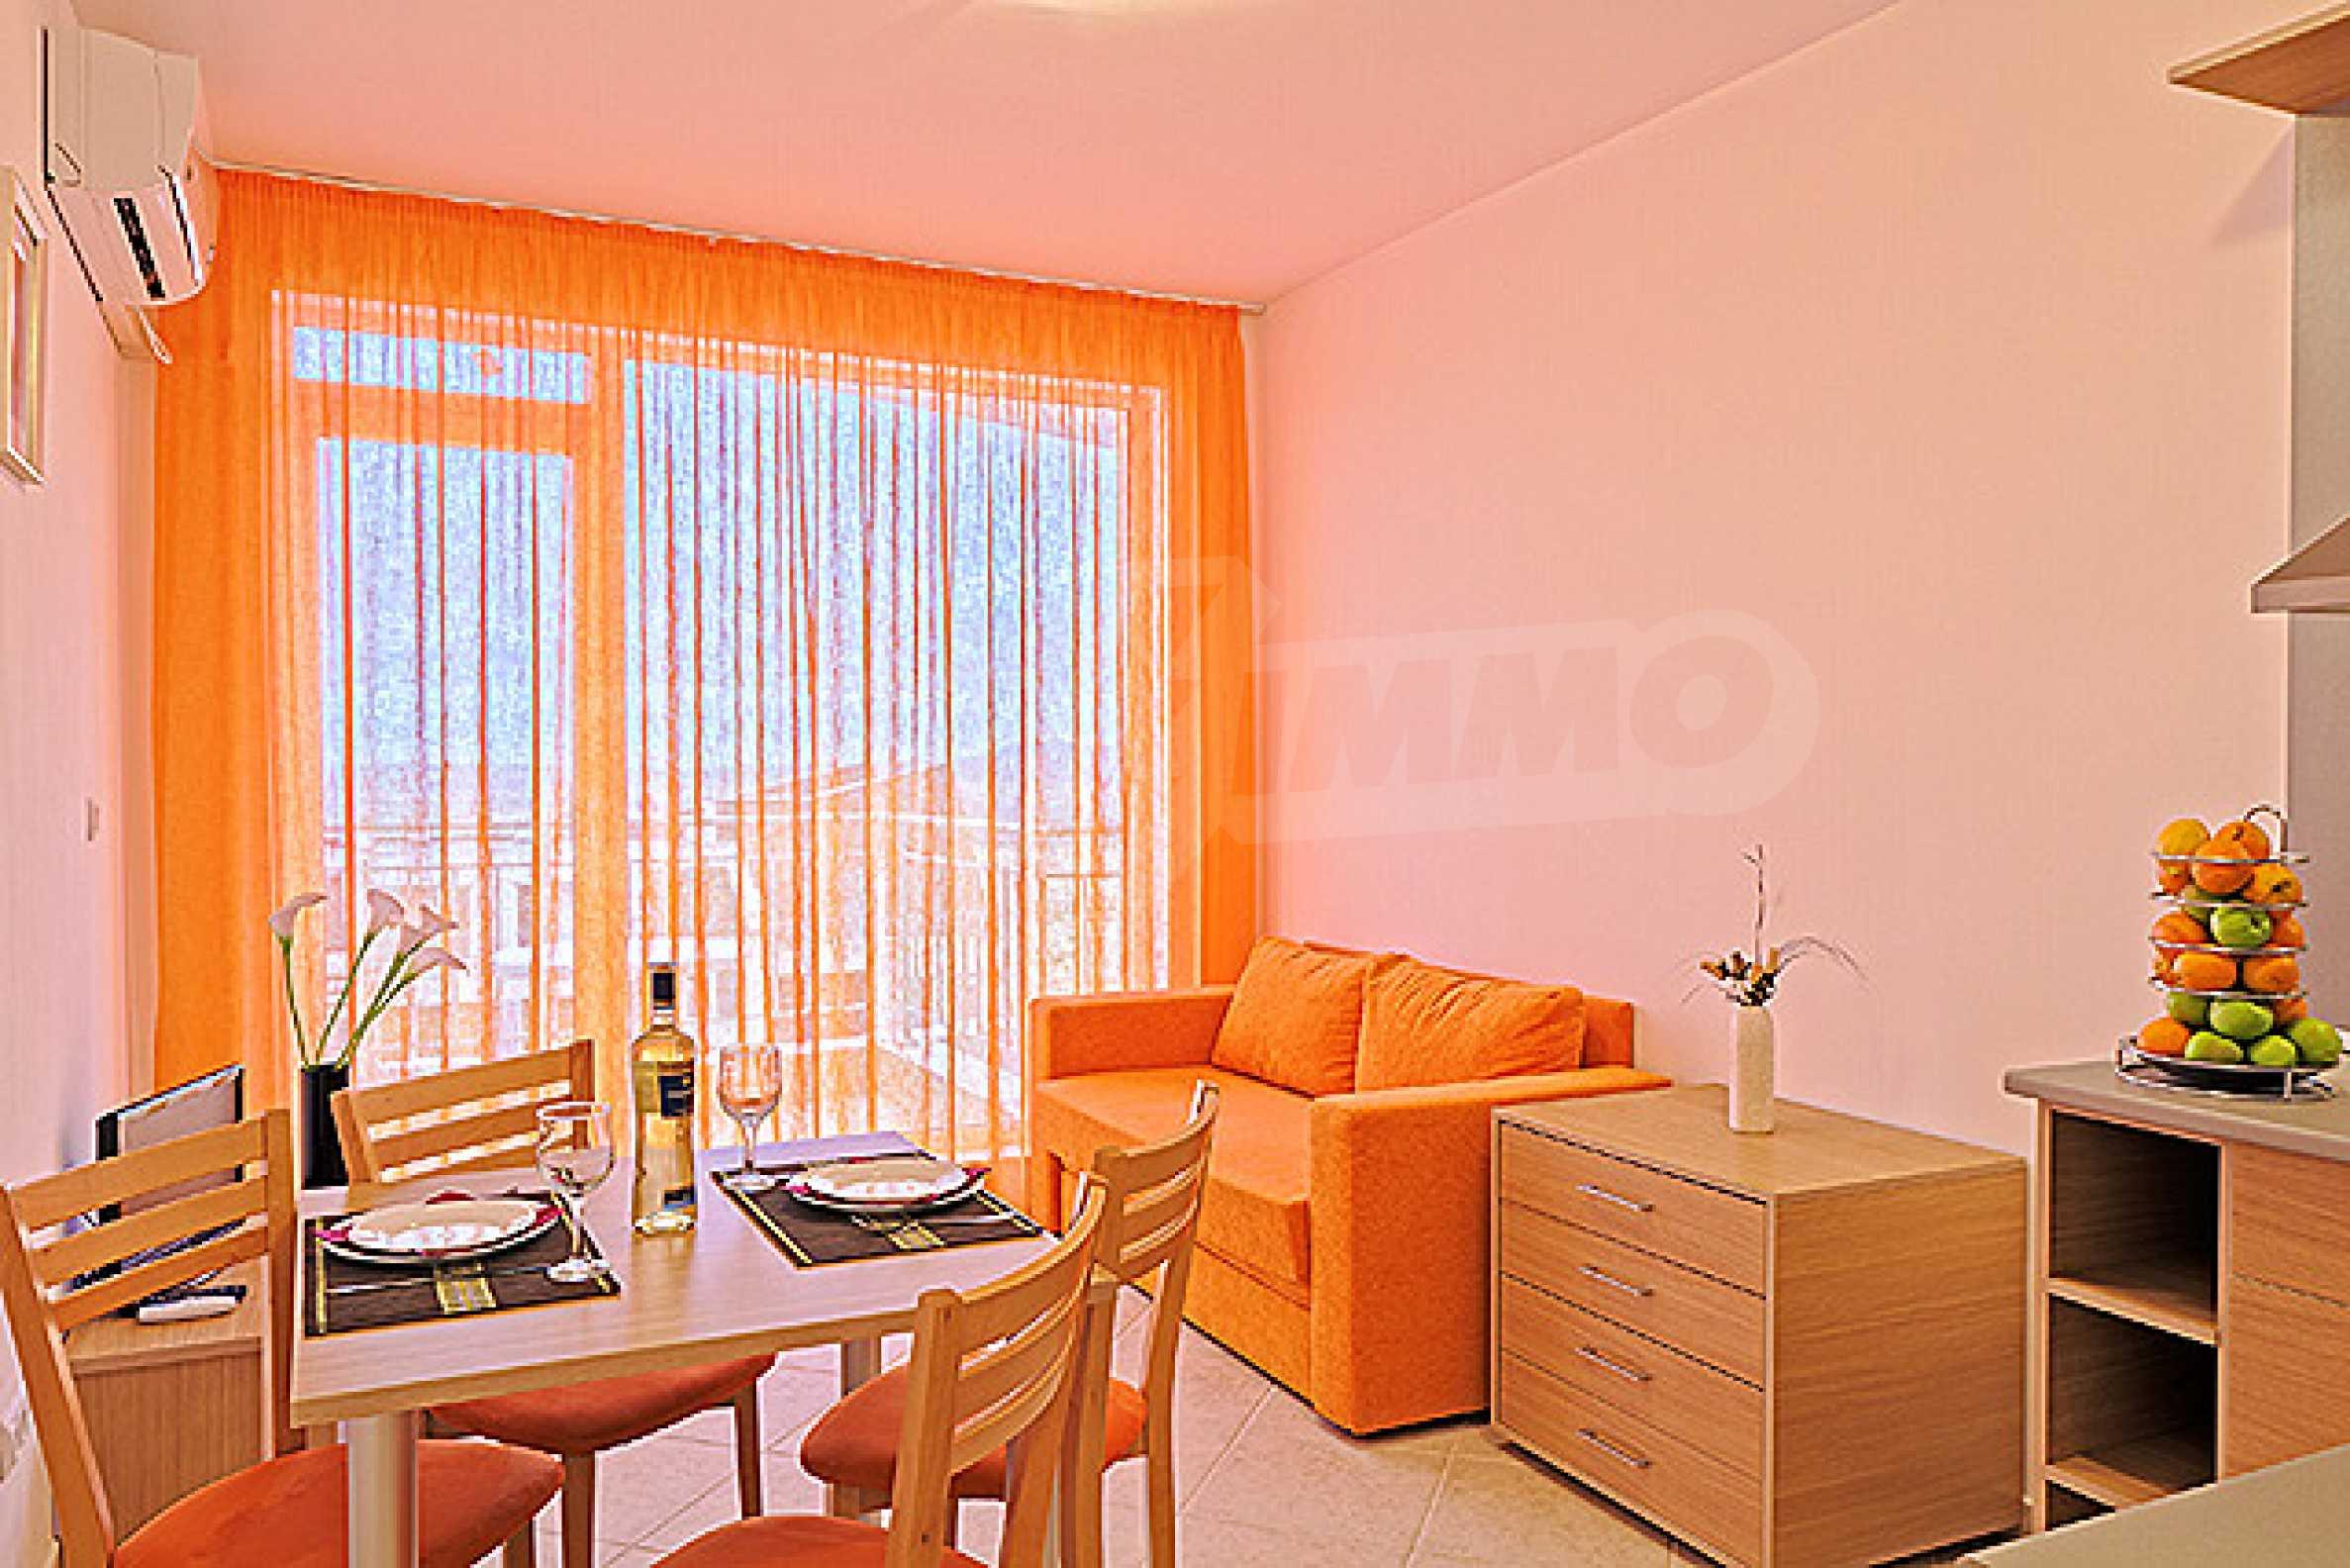 Sunset Kosharitsa - Apartments in einem attraktiven Berg- und Seekomplex, 5 Autominuten vom Sonnenstrand entfernt 14